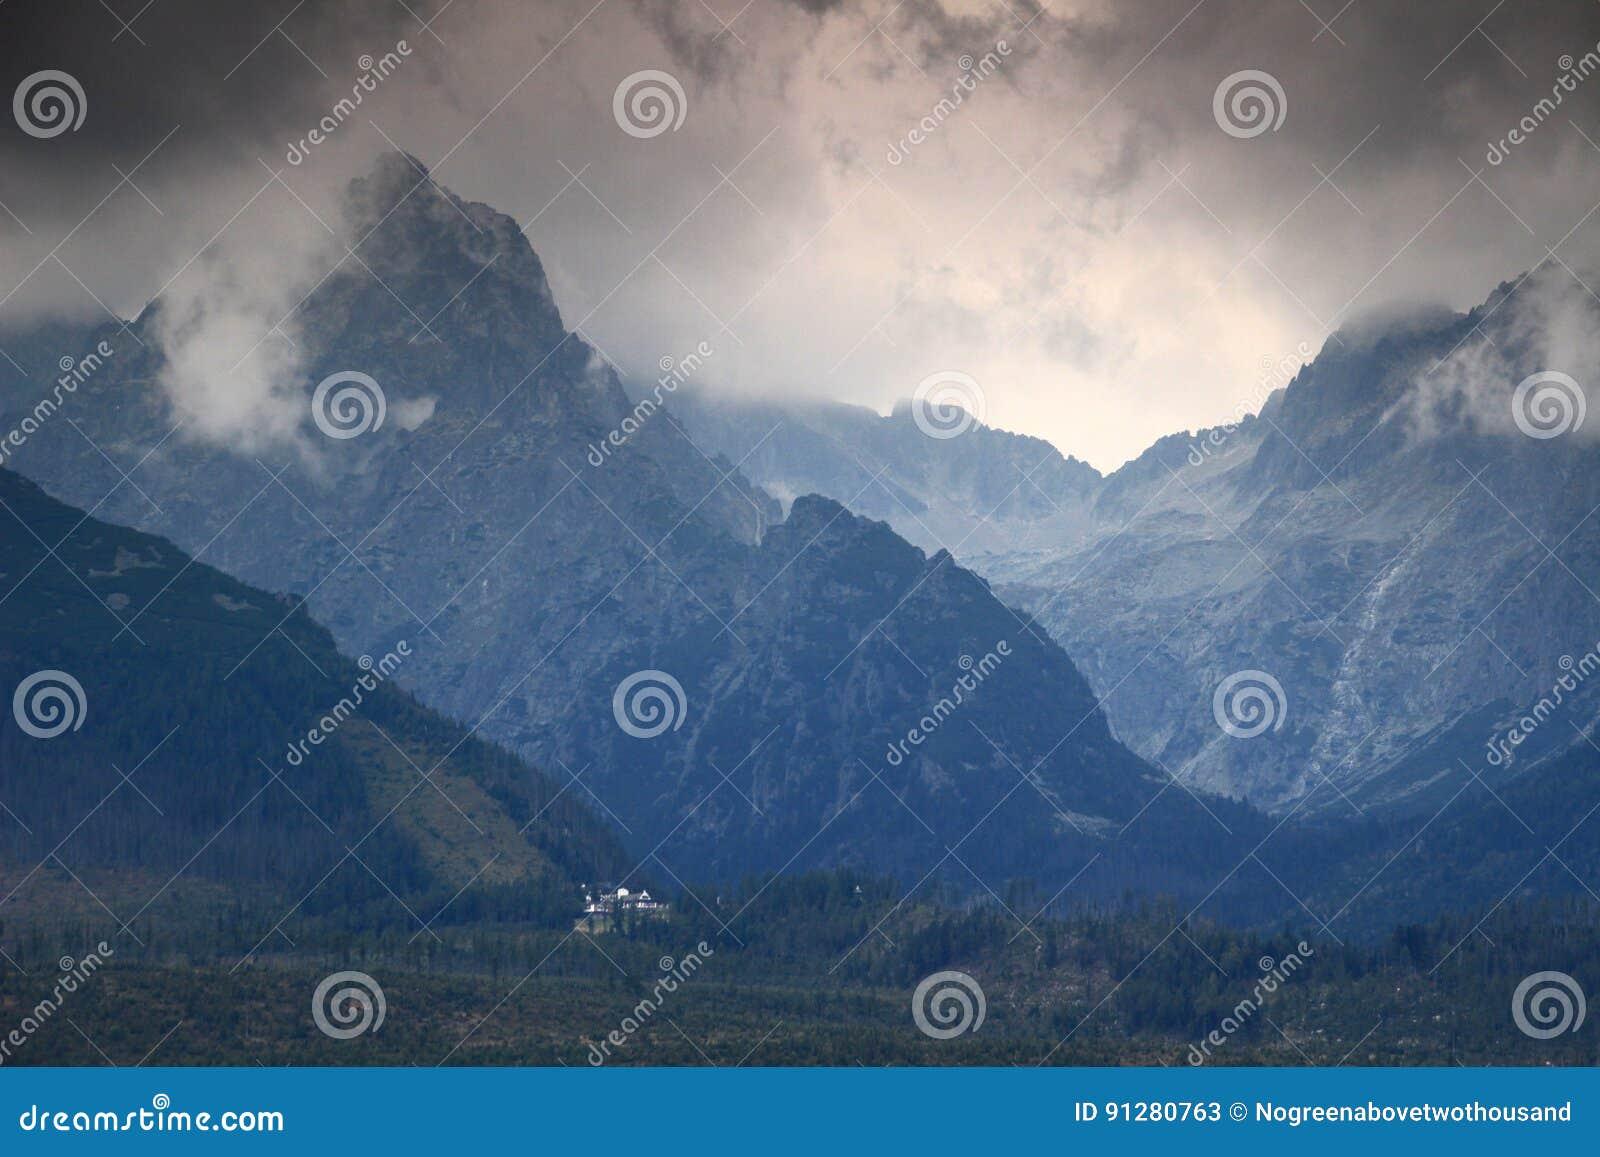 Mörker fördunklar över Prostredny Hreben Ridge och Studena dalar, höga Tatras